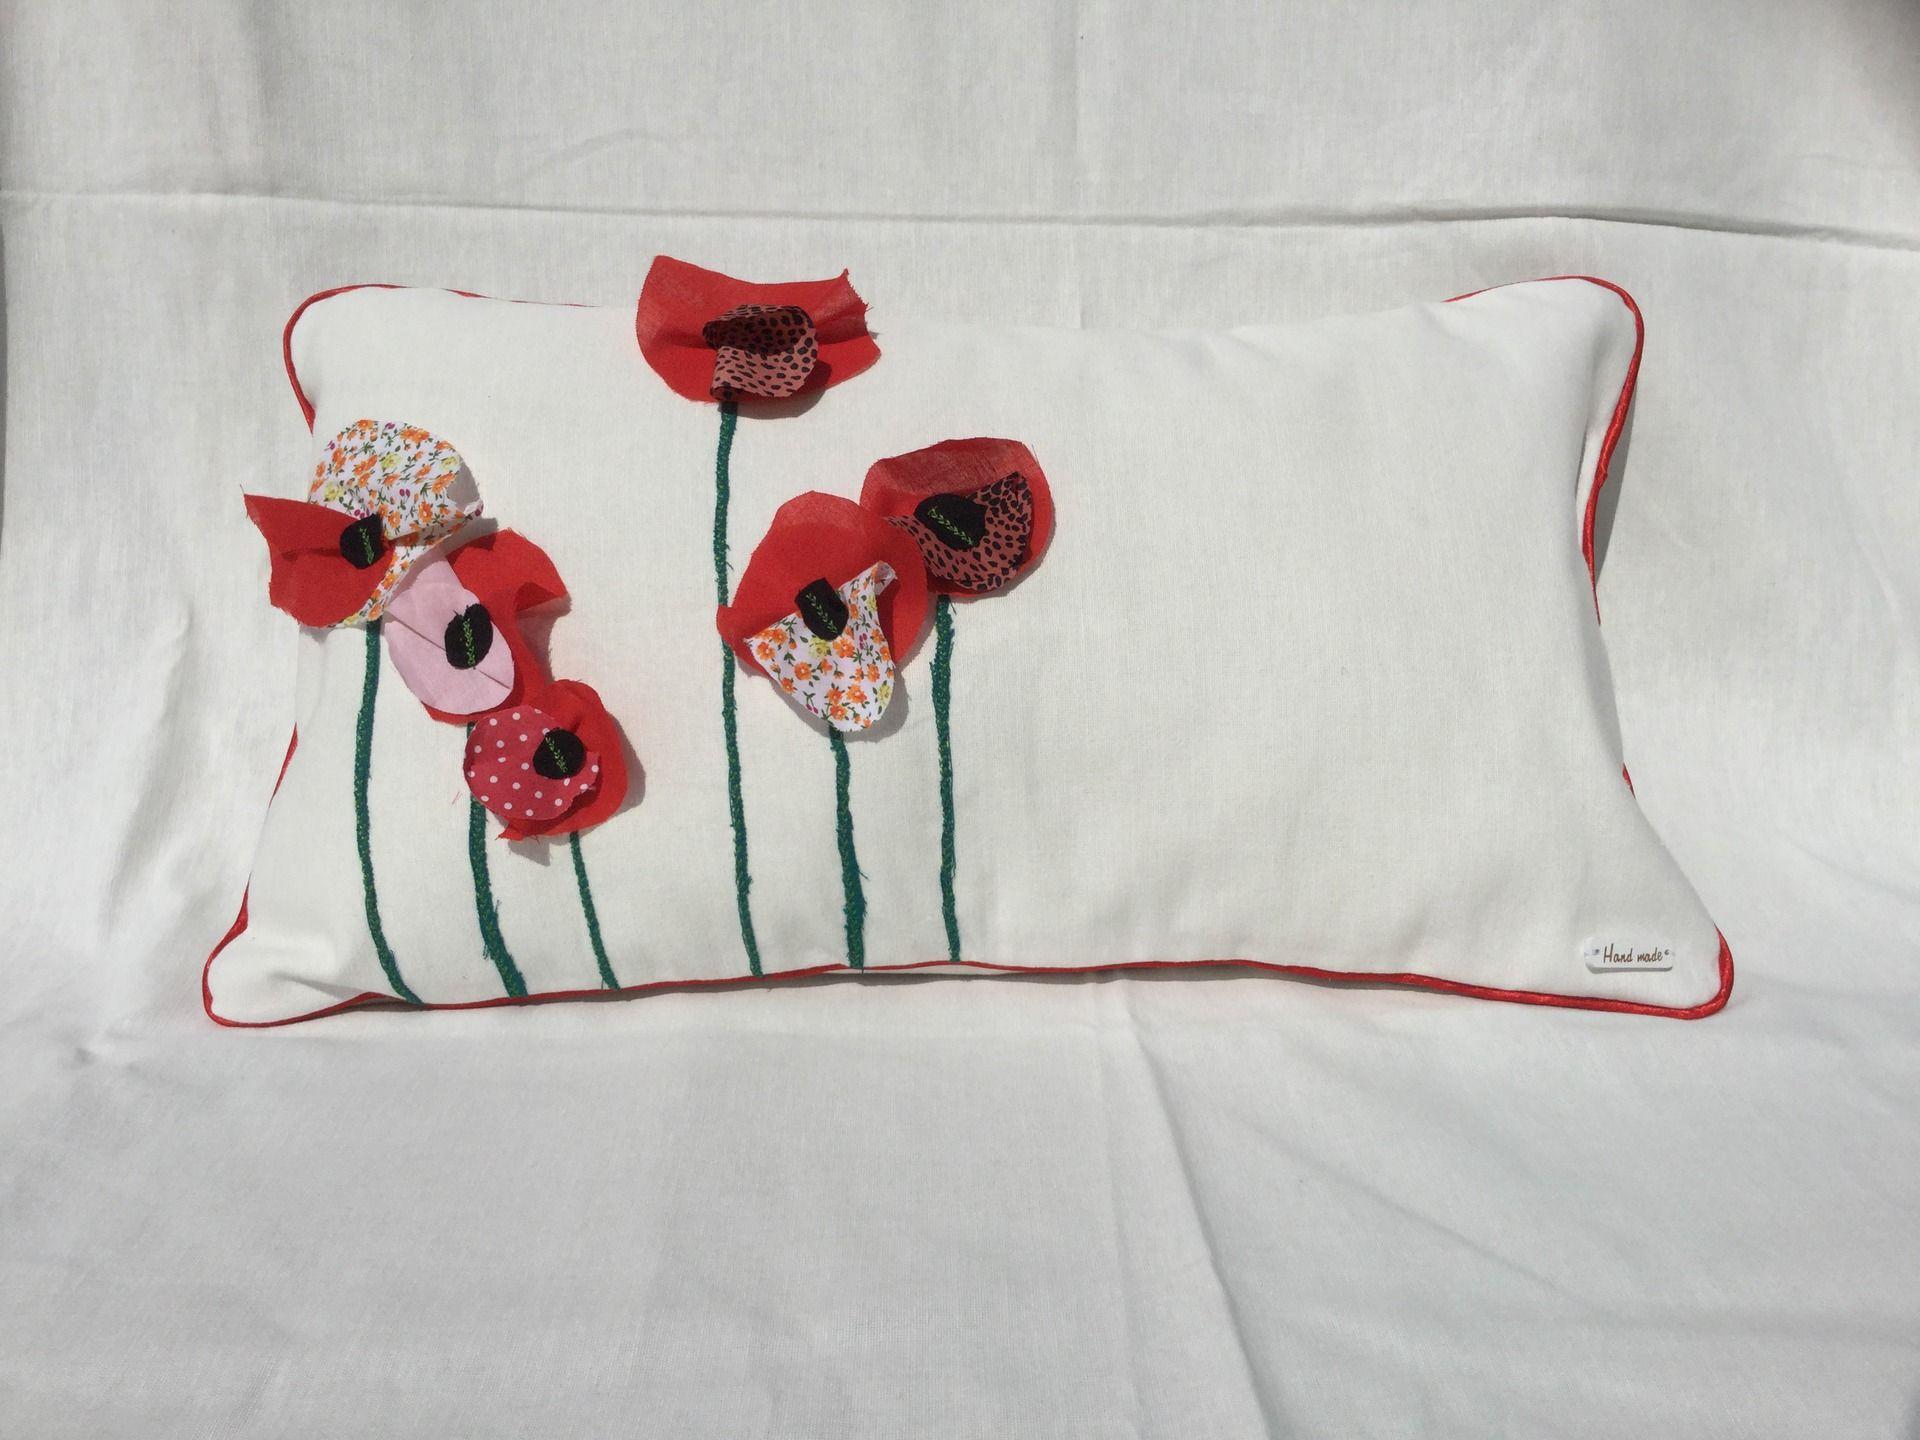 papoulina jolis coquelicots textiles